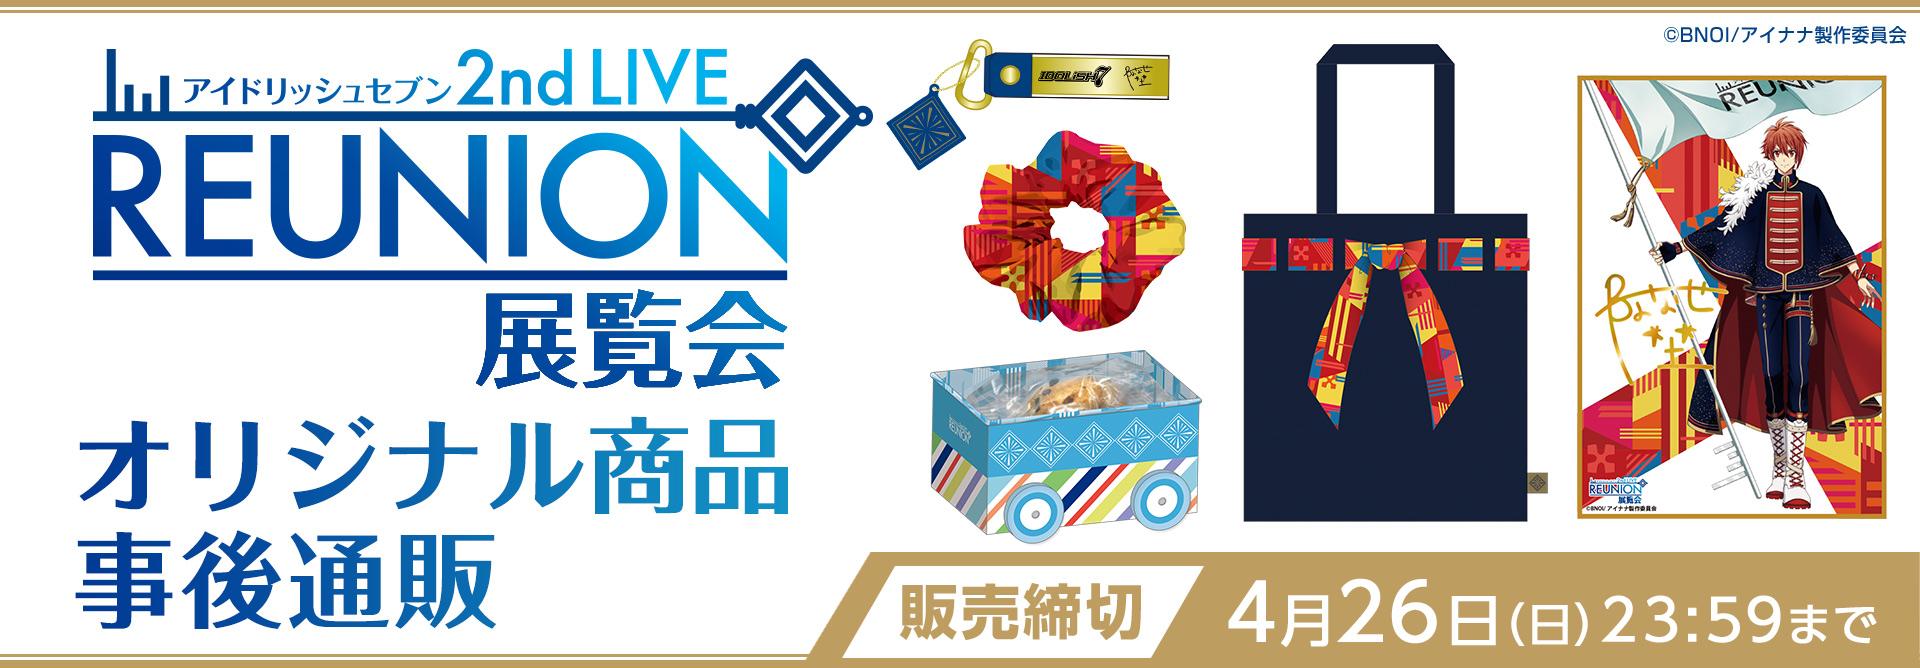 『アイドリッシュセブン 2nd LIVE 「REUNION」展覧会』 事後通販